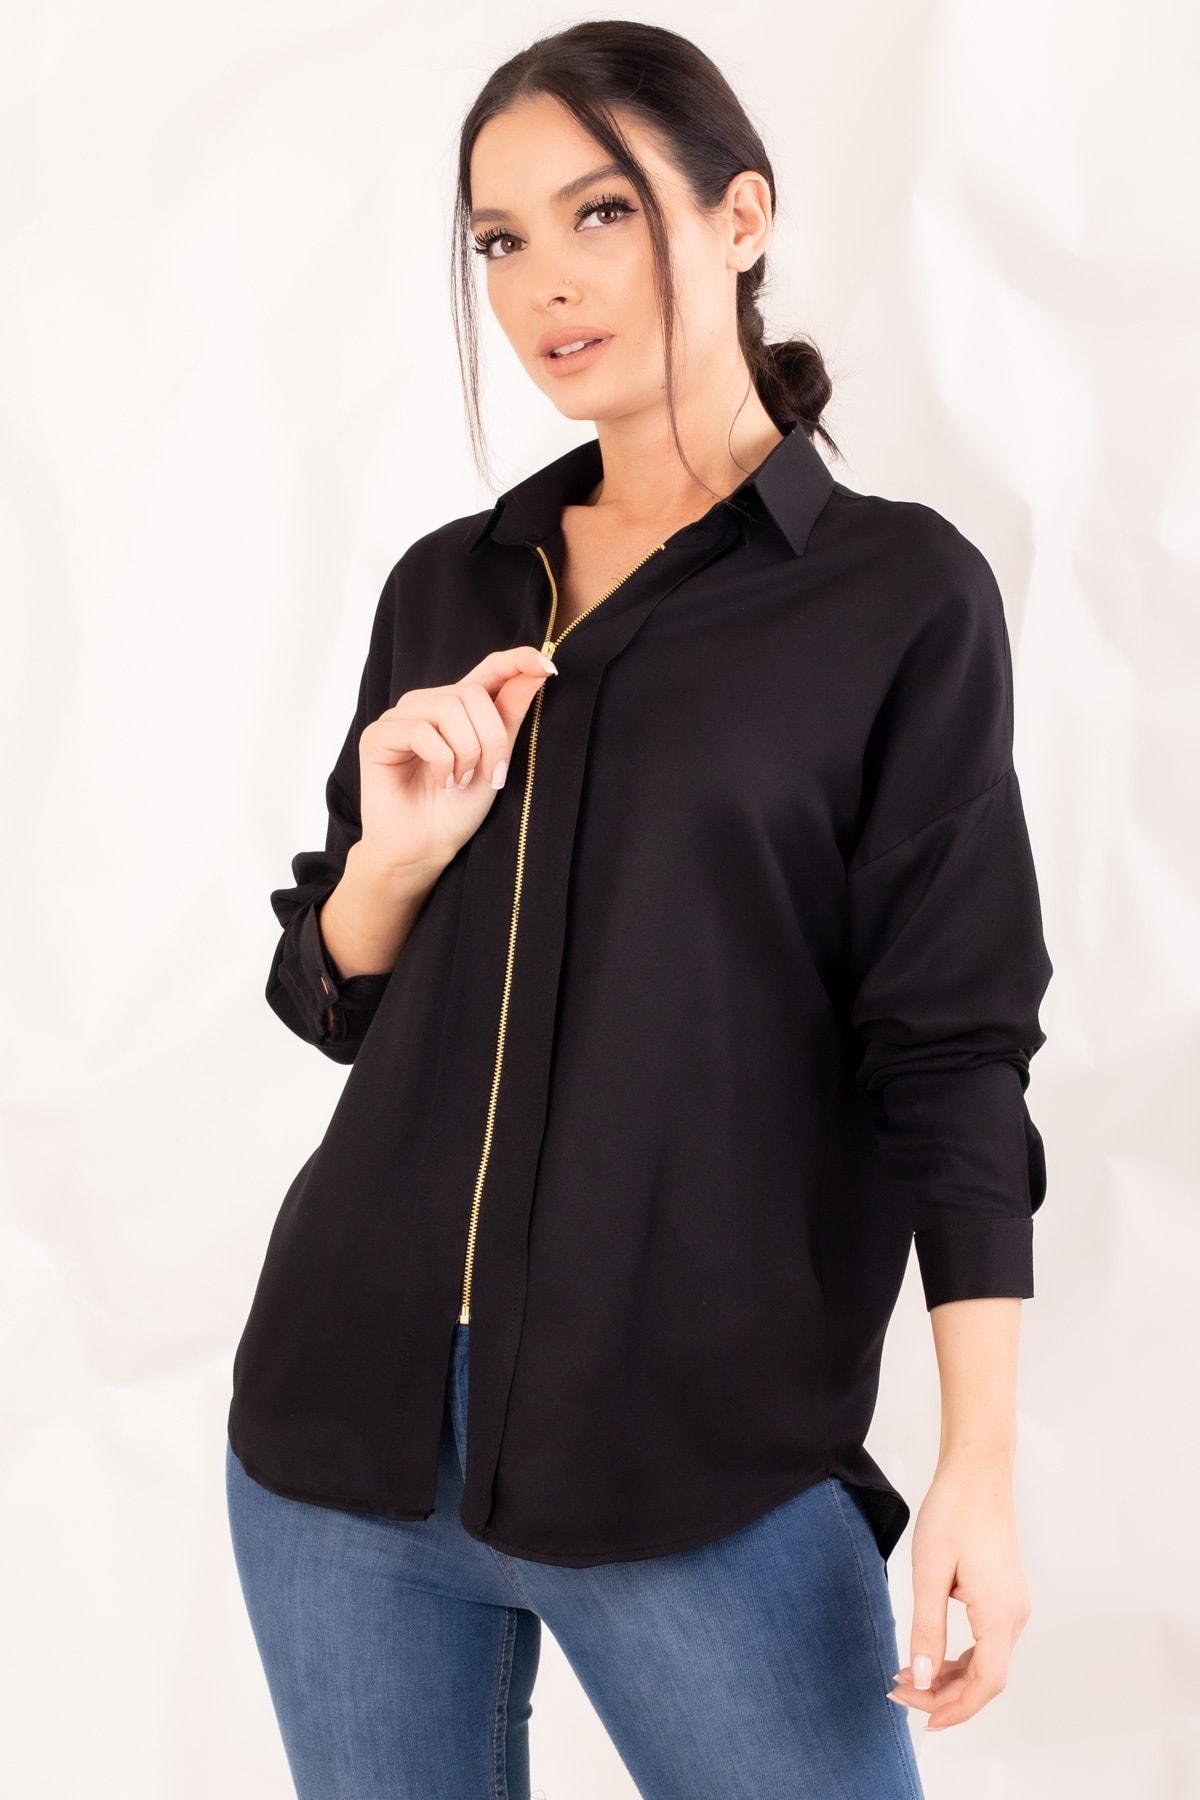 armonika Kadın Siyah Fermuarli Gömlek ARM-20K001149 1